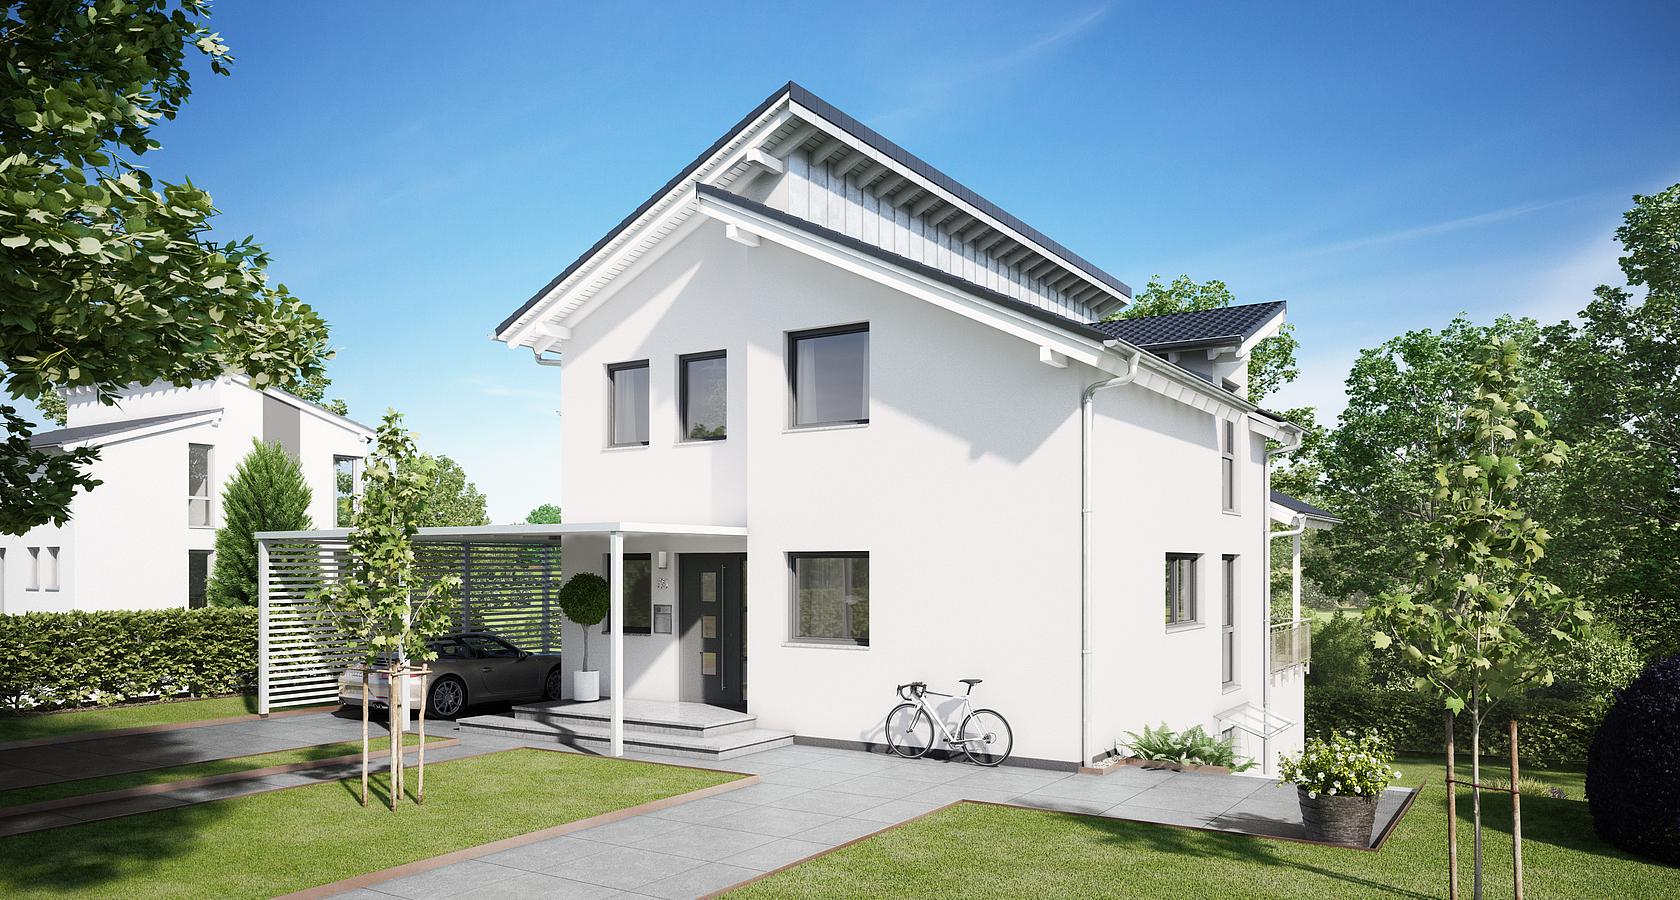 Haus Mit Keller Massivhaus Mit Keller Bauen Kern Haus